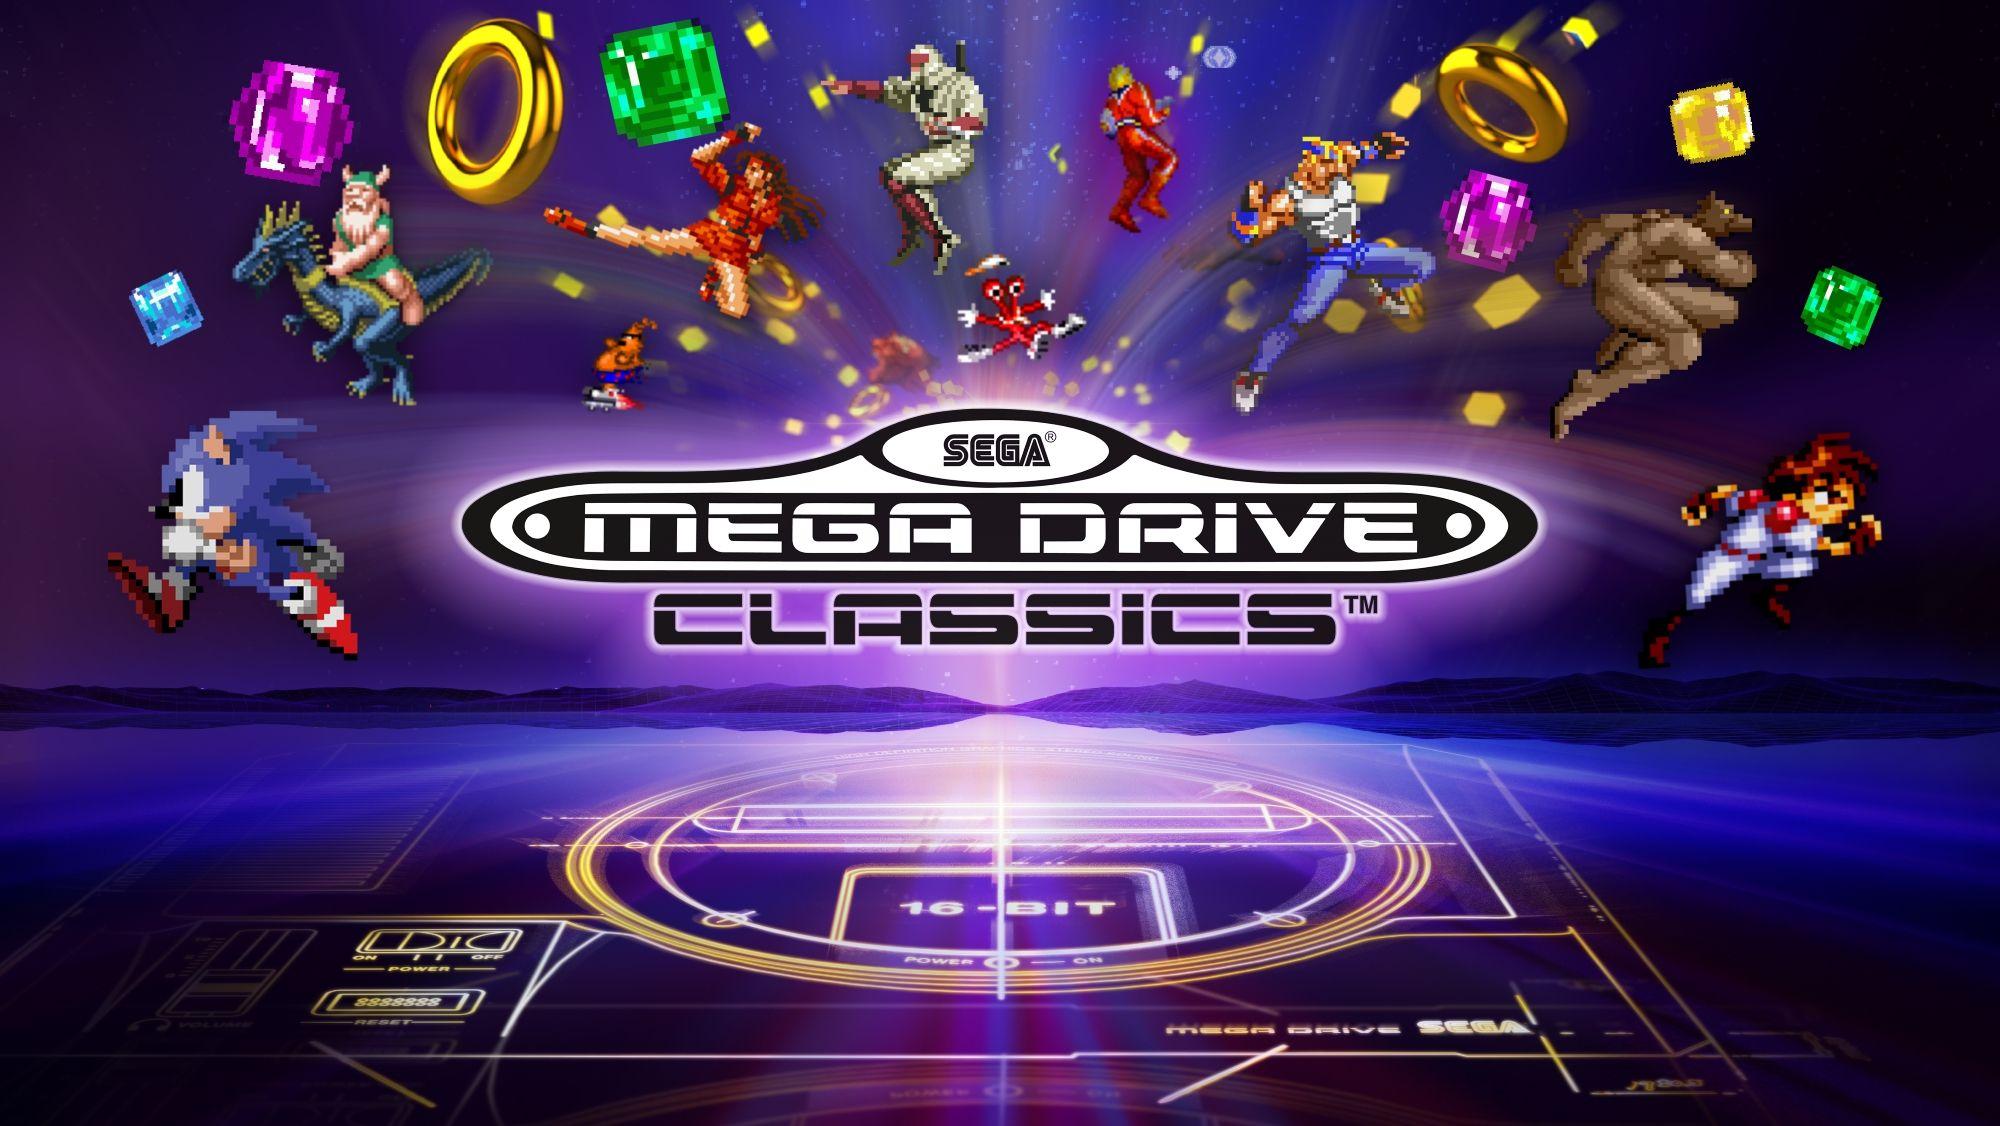 SEGA Genesis/Mega Drive Classics llegan a la realidad virtual con PSVR